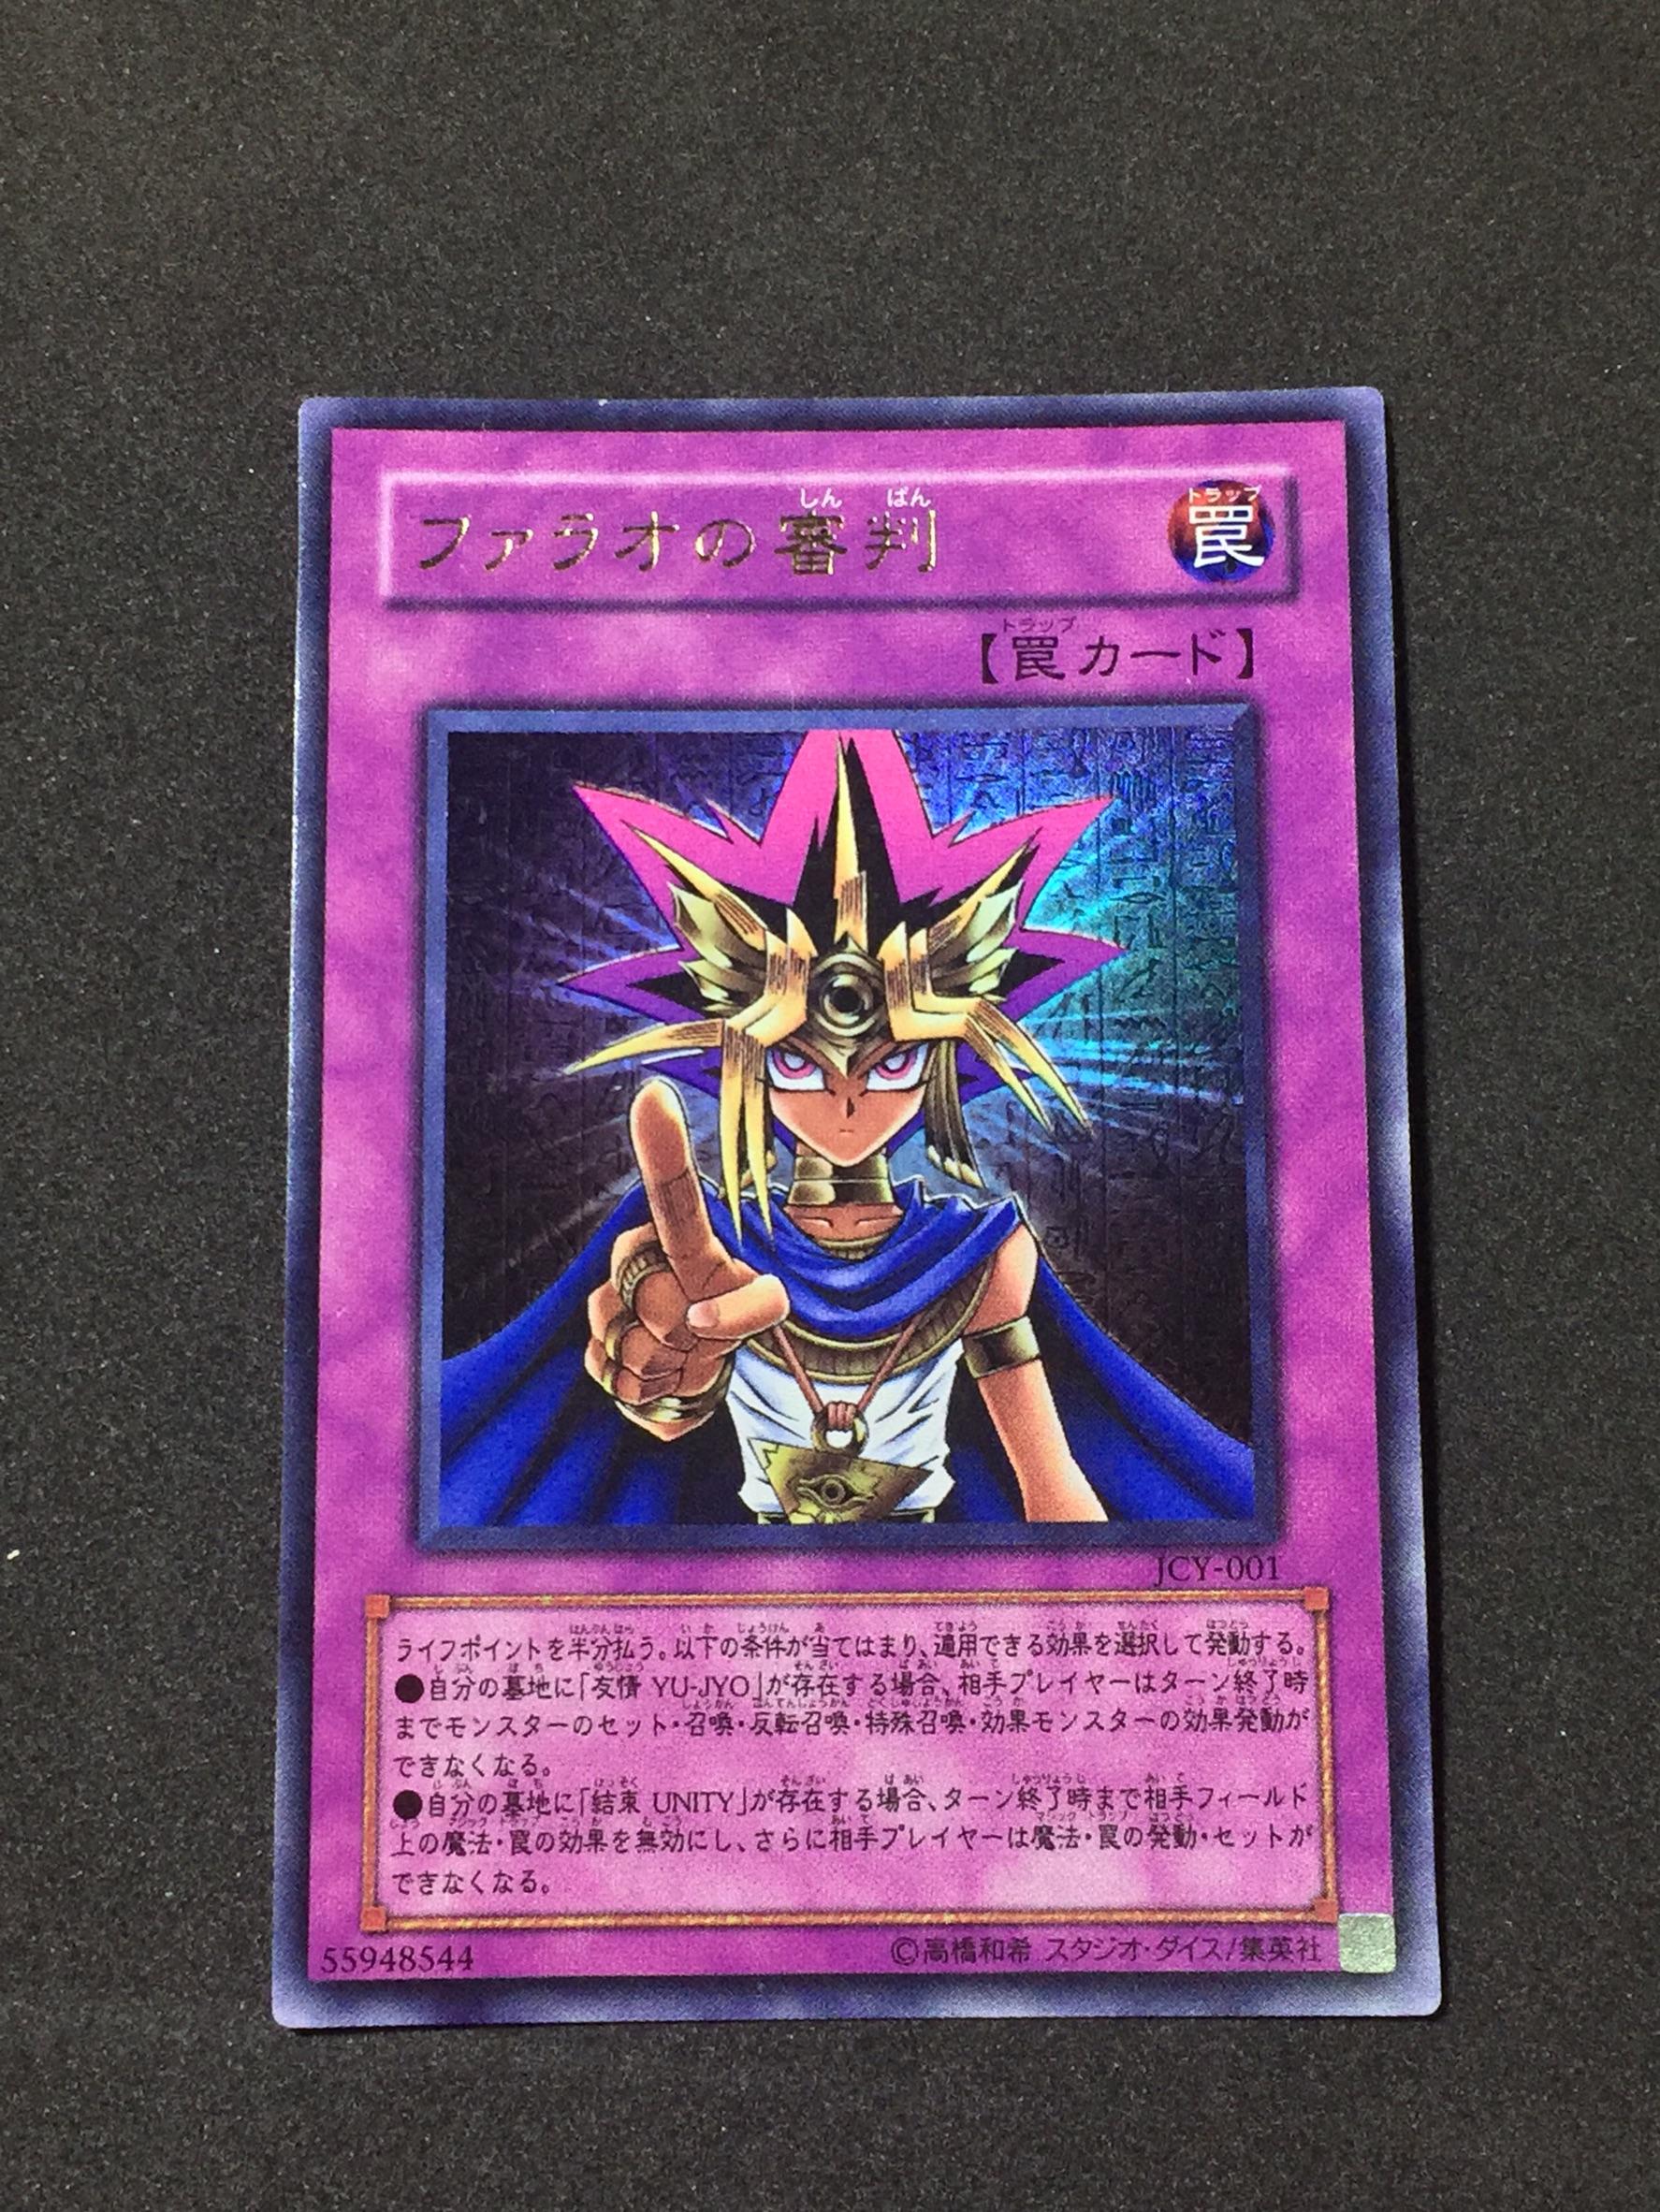 ファラオの審判 / Judgment of the Pharaoh